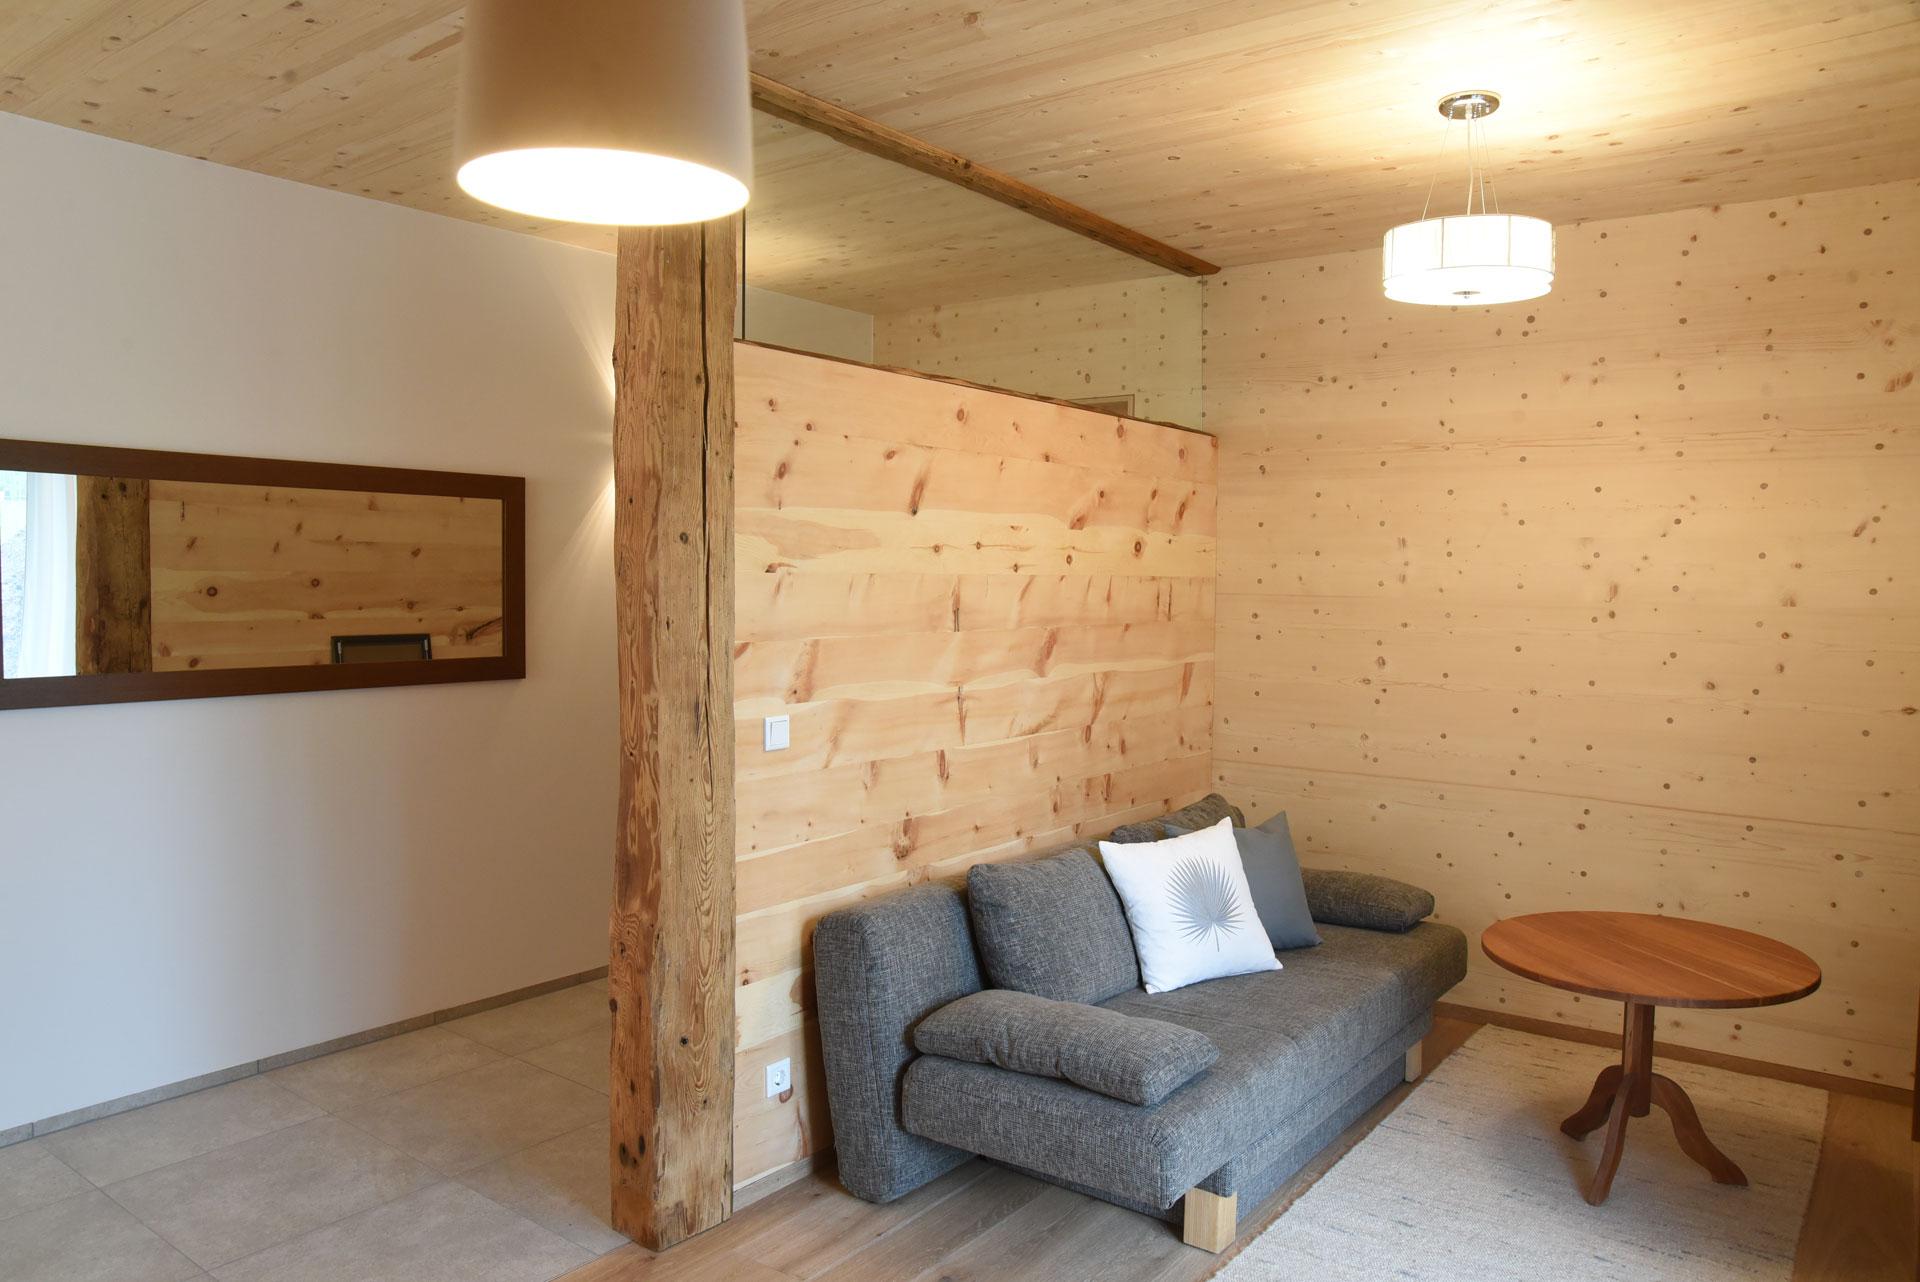 Wohnraum in der Probewohnung